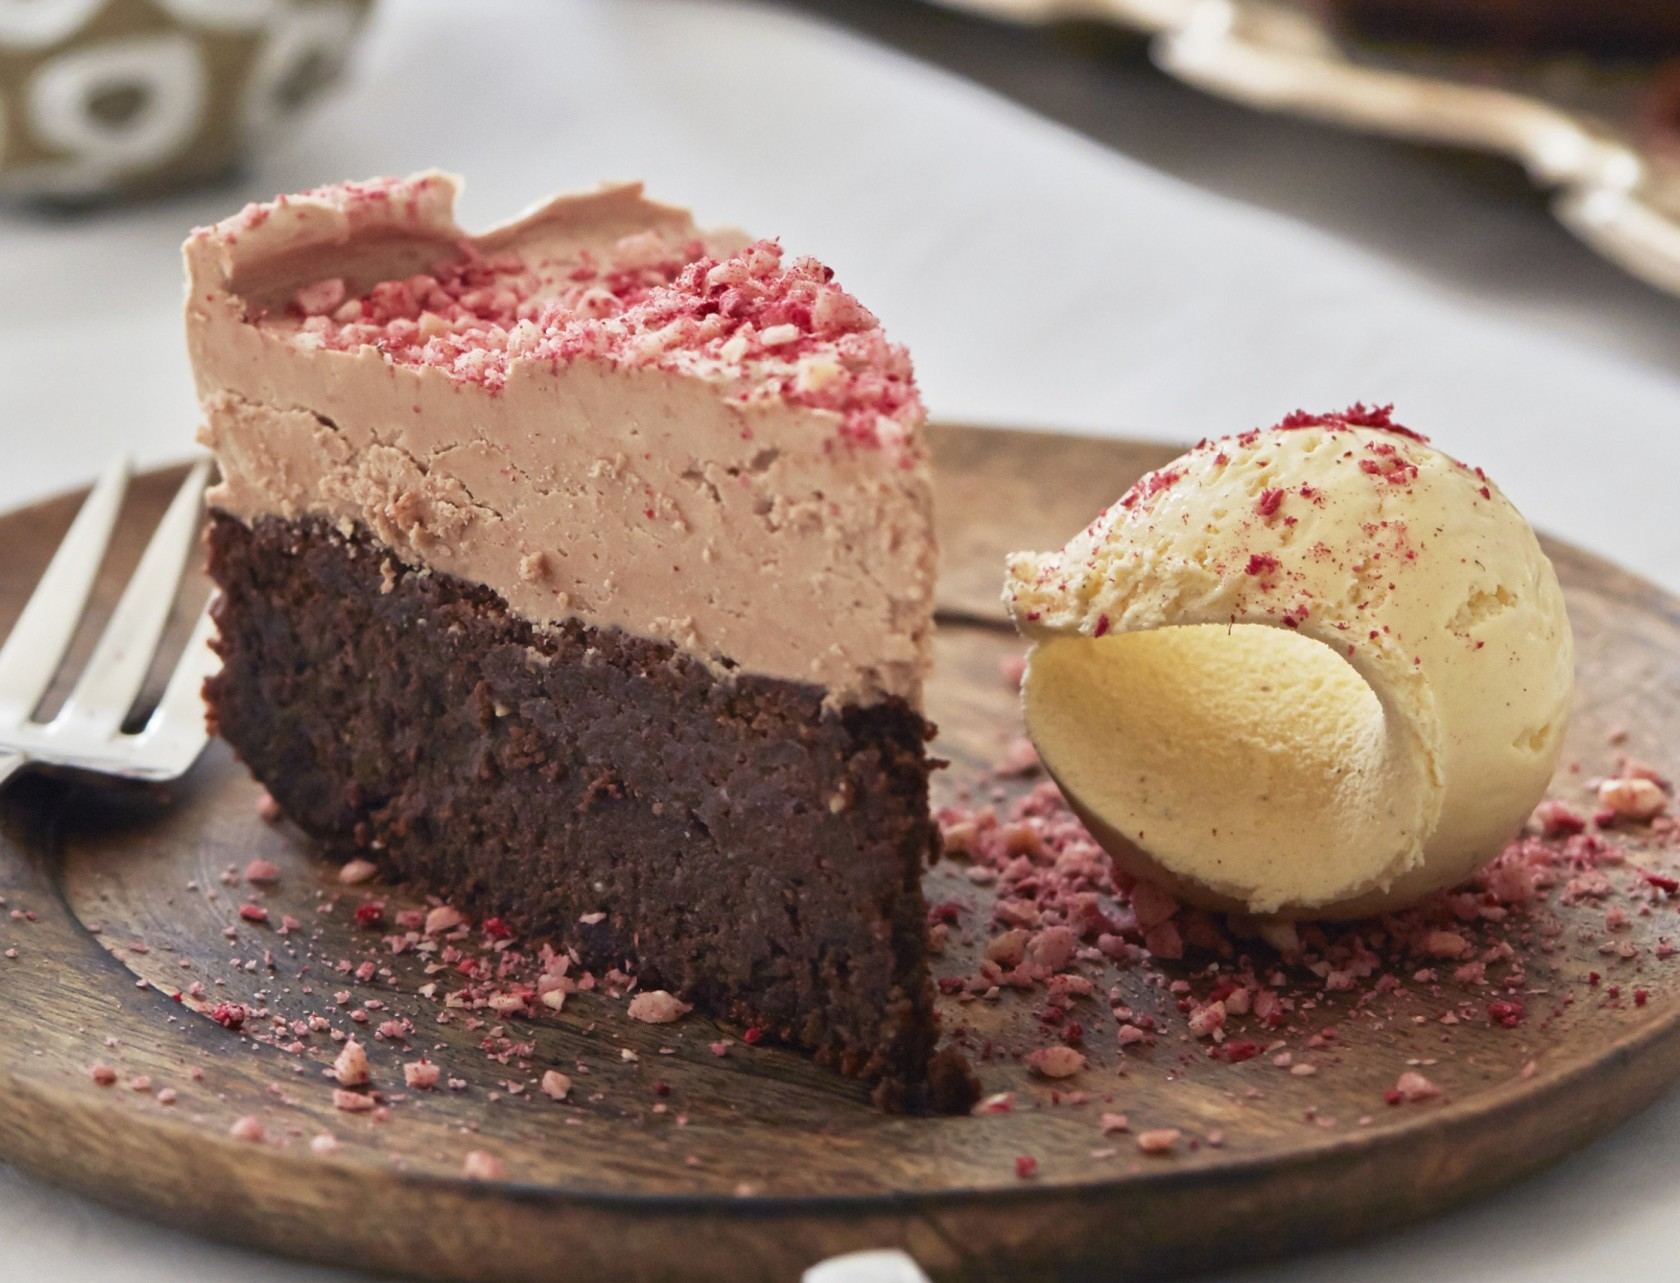 Chokoladedrøm med is - god opskrift på chokoladekage.